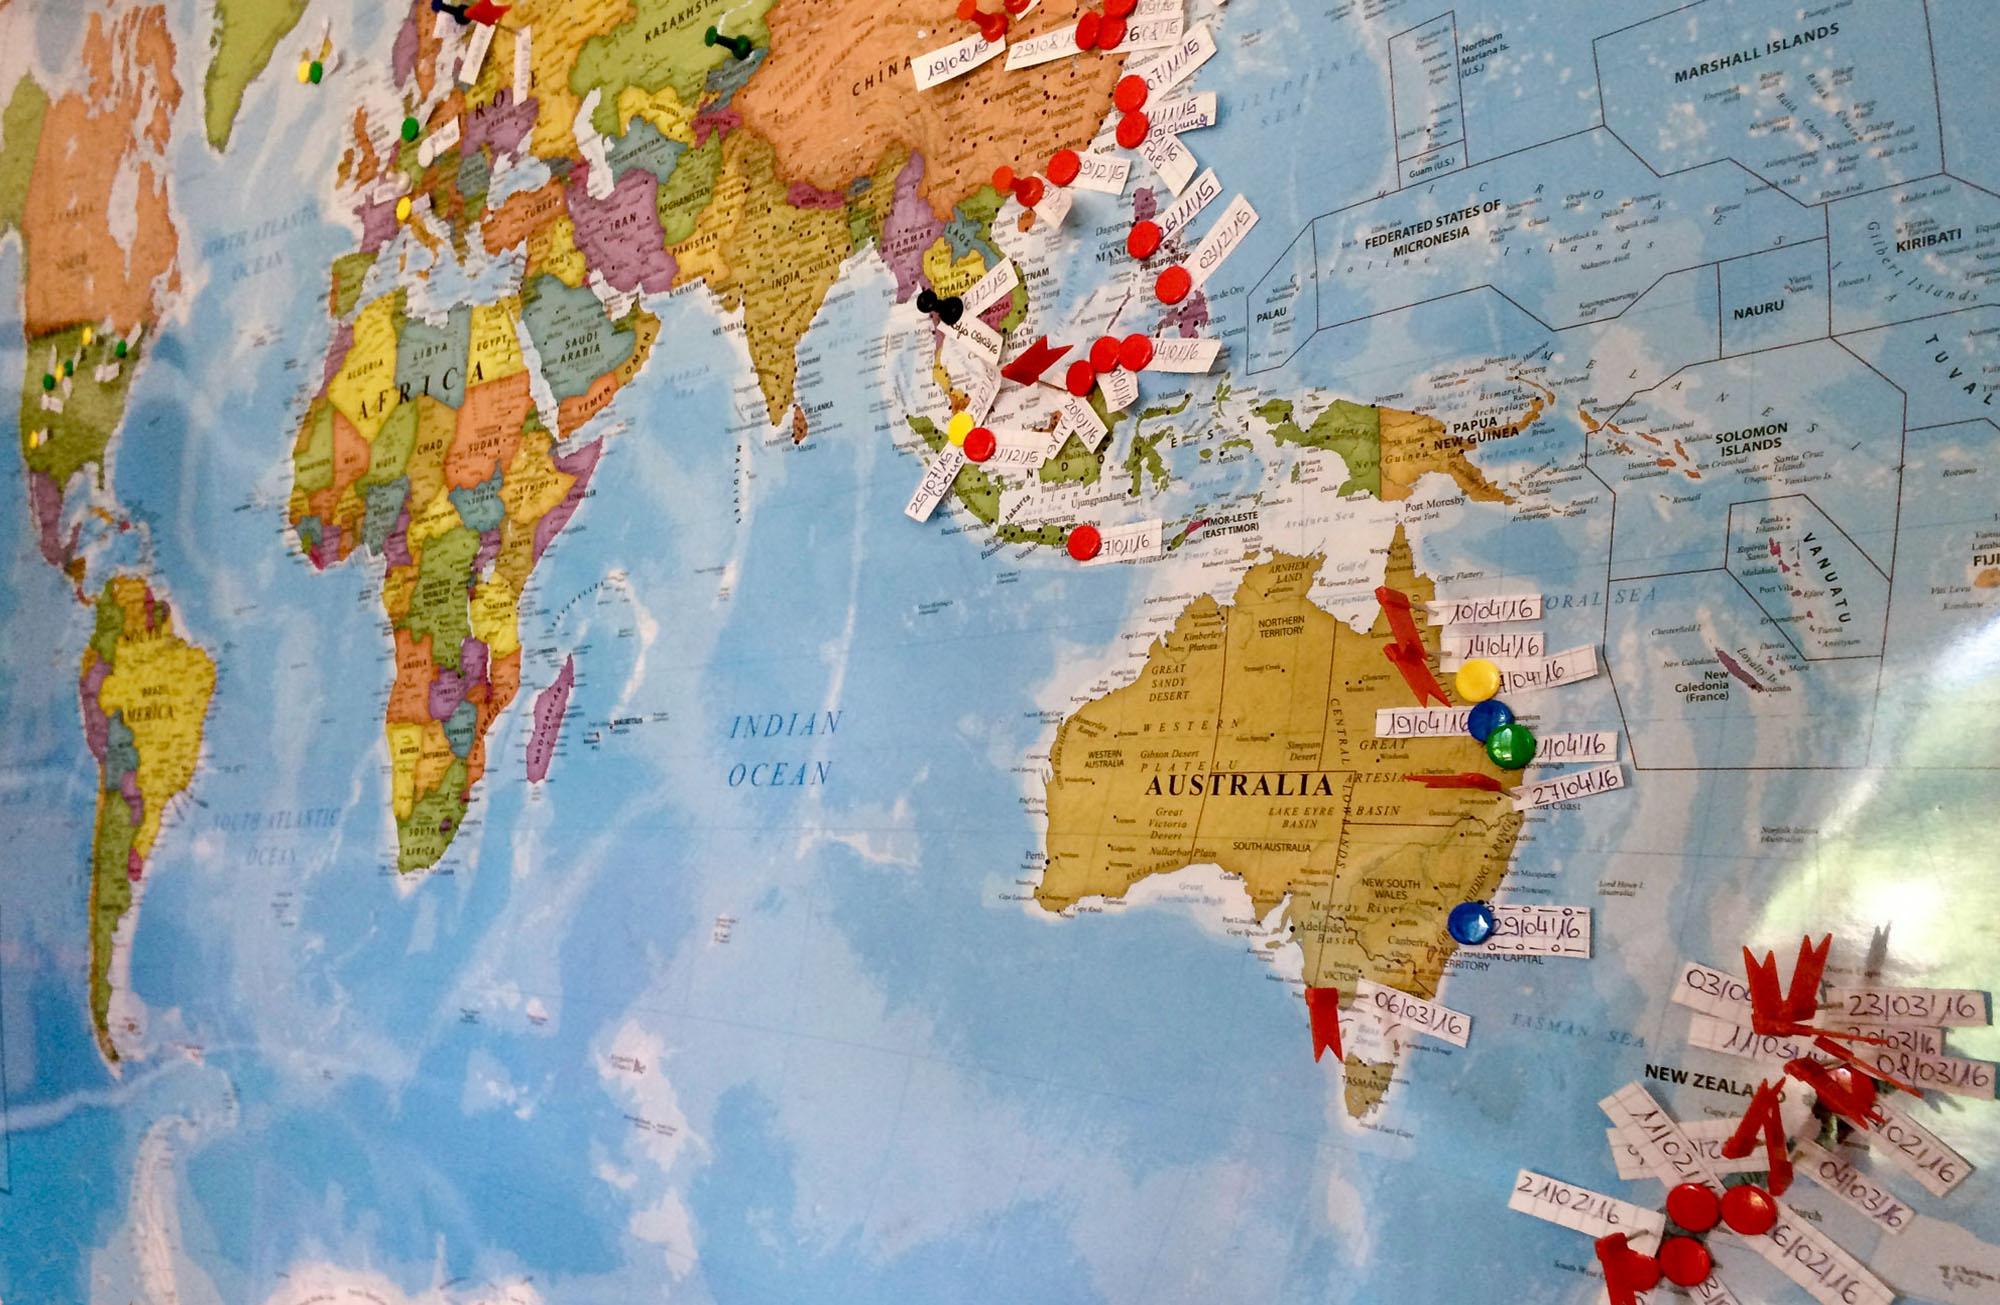 Weltreise beendet – In 352 Tagen die Erde umrundet